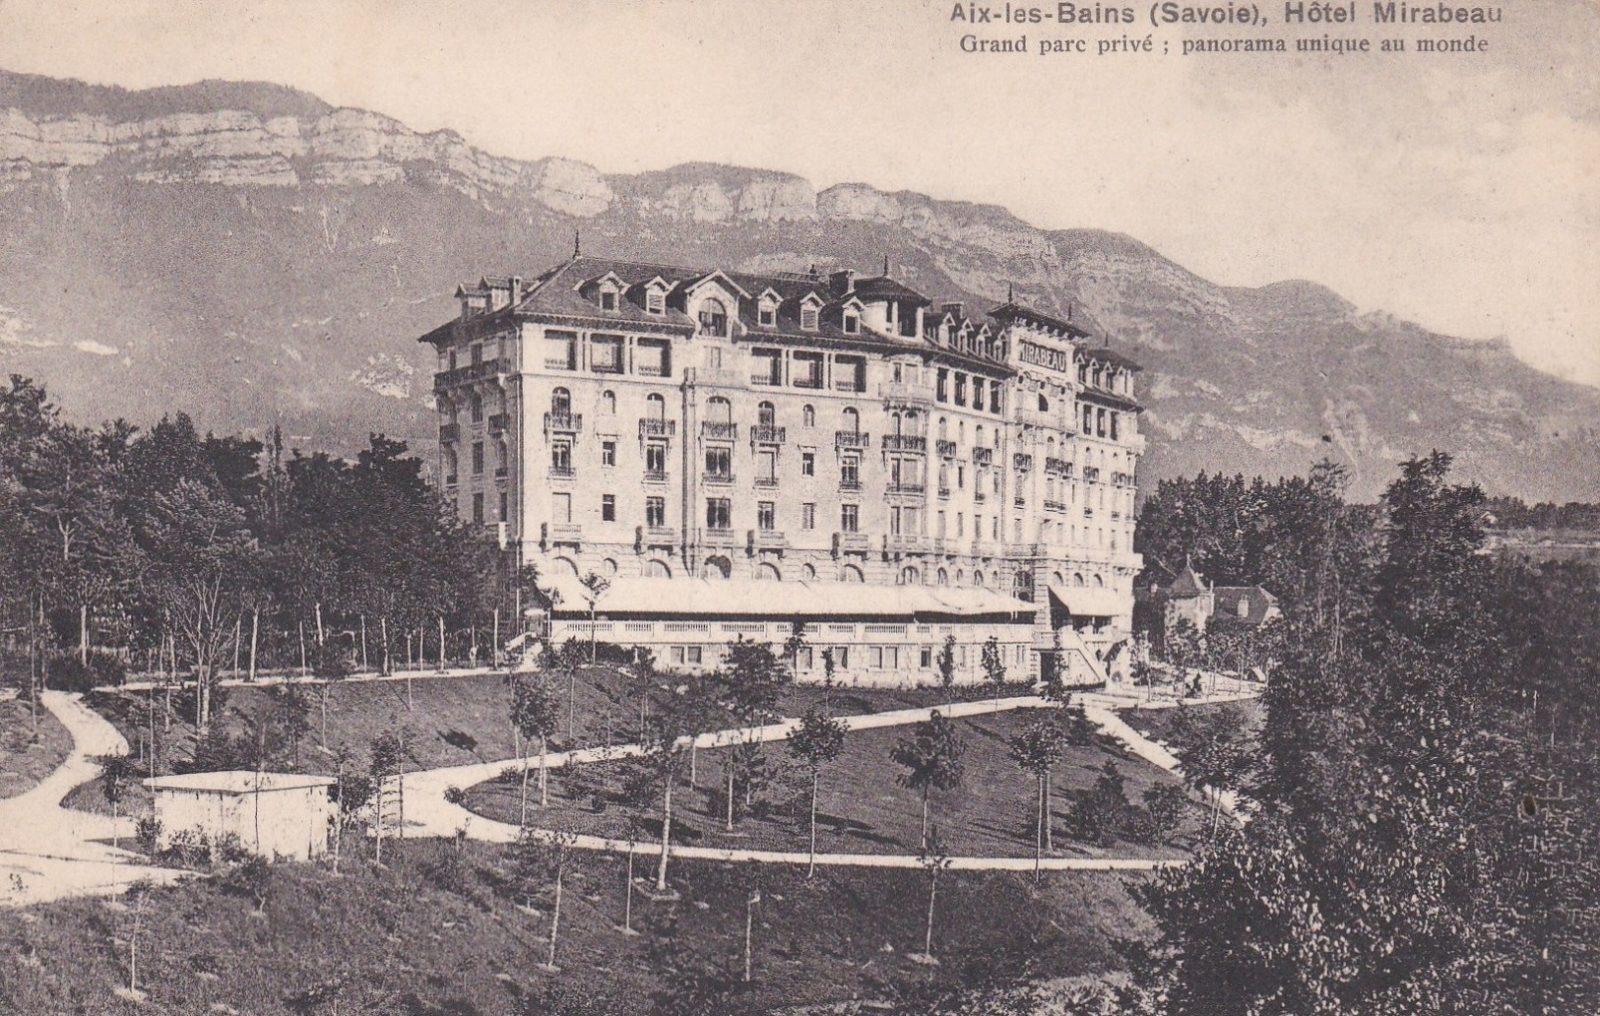 AIx-les-Bains, Hôtel Mirabeau en 1910